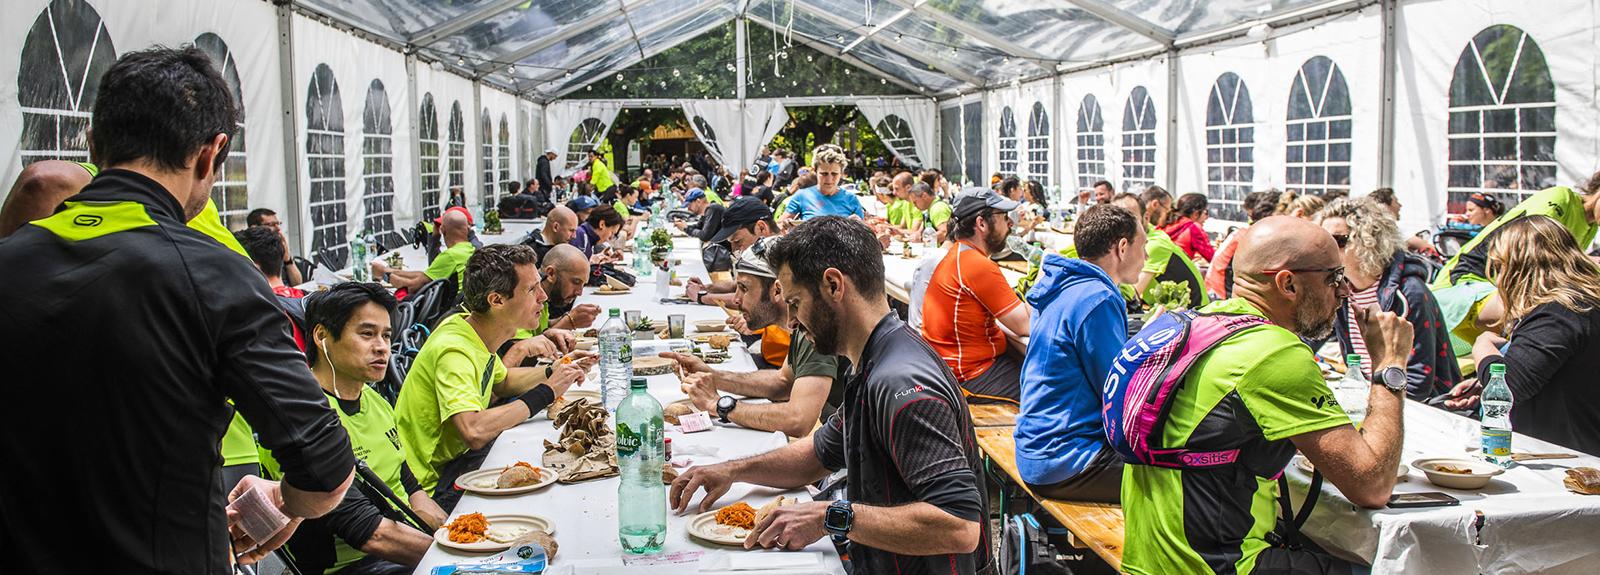 31 Mai – Mittagessen/Essen nach dem Lauf